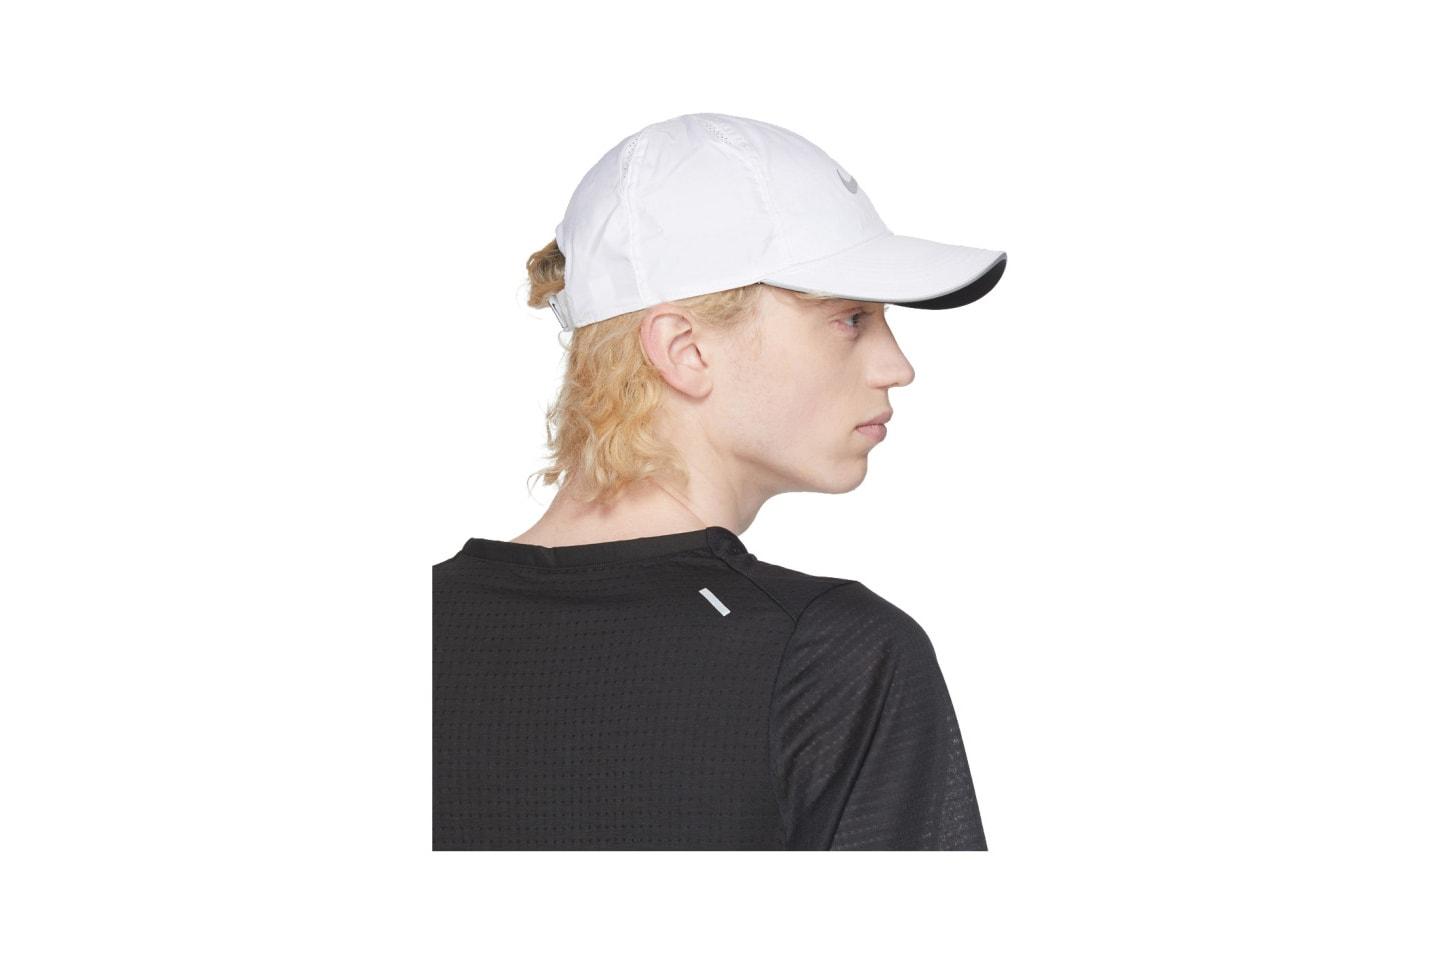 本日嚴選 8 款 Cap 帽飾品入手推介